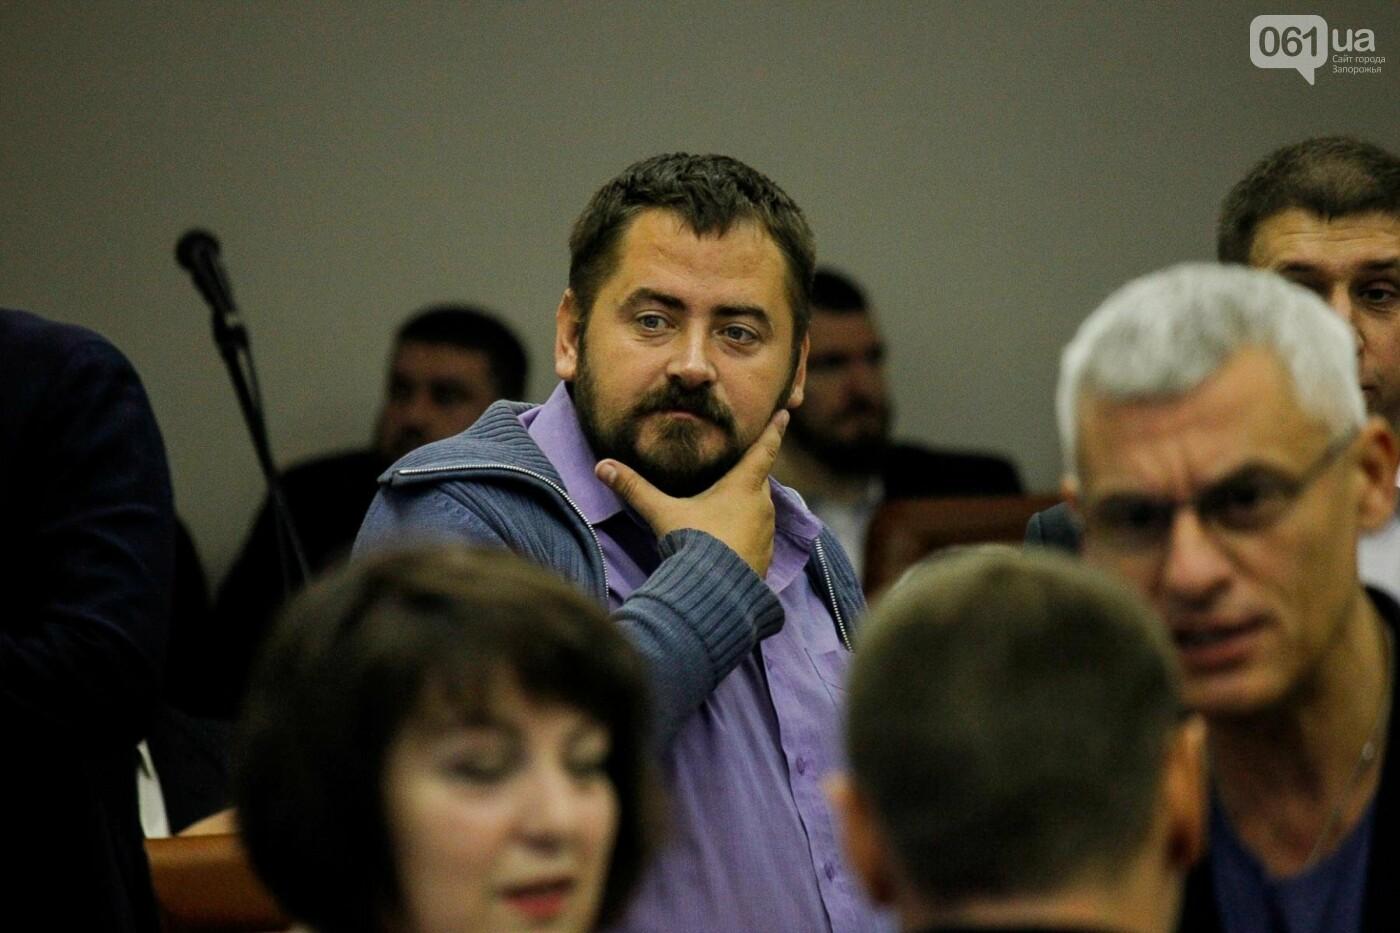 Сессия запорожского горсовета в 55 фотографиях, - ФОТОРЕПОРТАЖ, фото-37